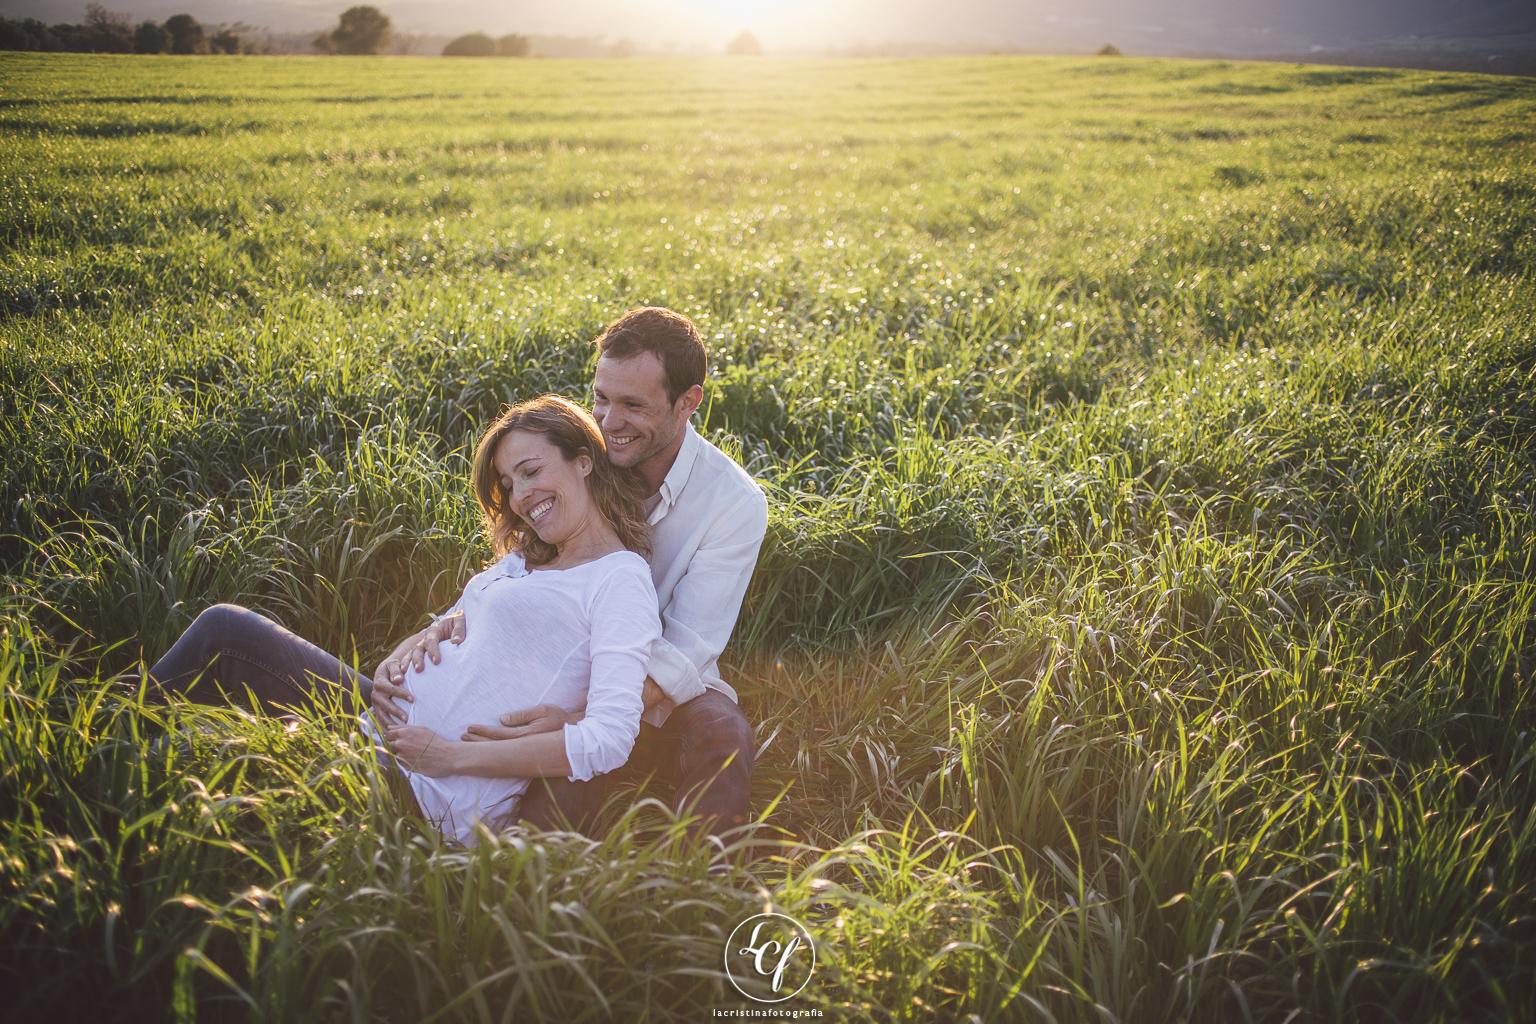 fotógrafo embarazada barcelona :: fotografía embarazada :: fotógrafo embarazos gironella